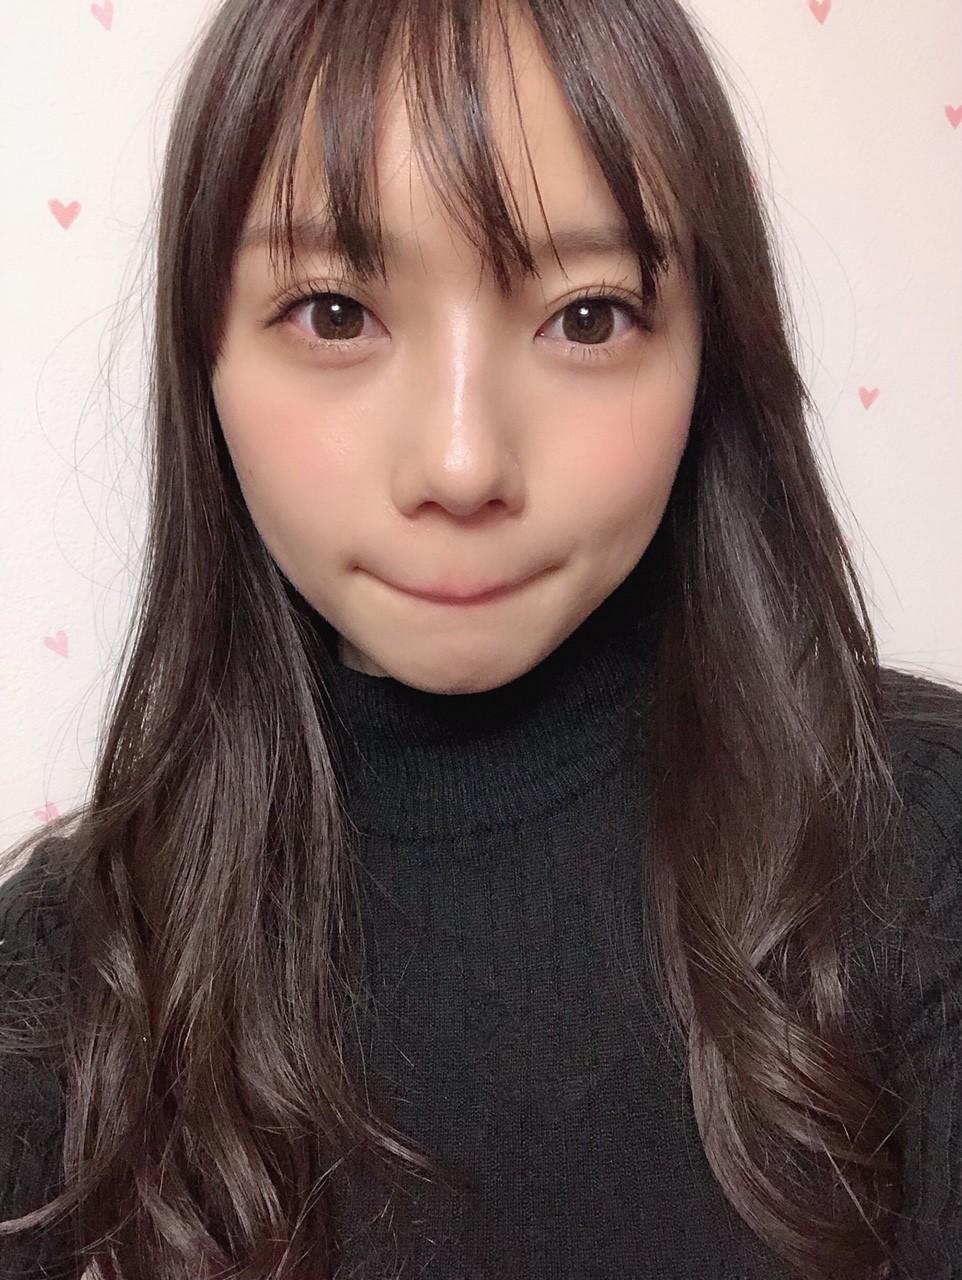 【悲報】齊藤京子さん、誰?wwwwwwwwwwwwwwwwwwwwwwwwwww